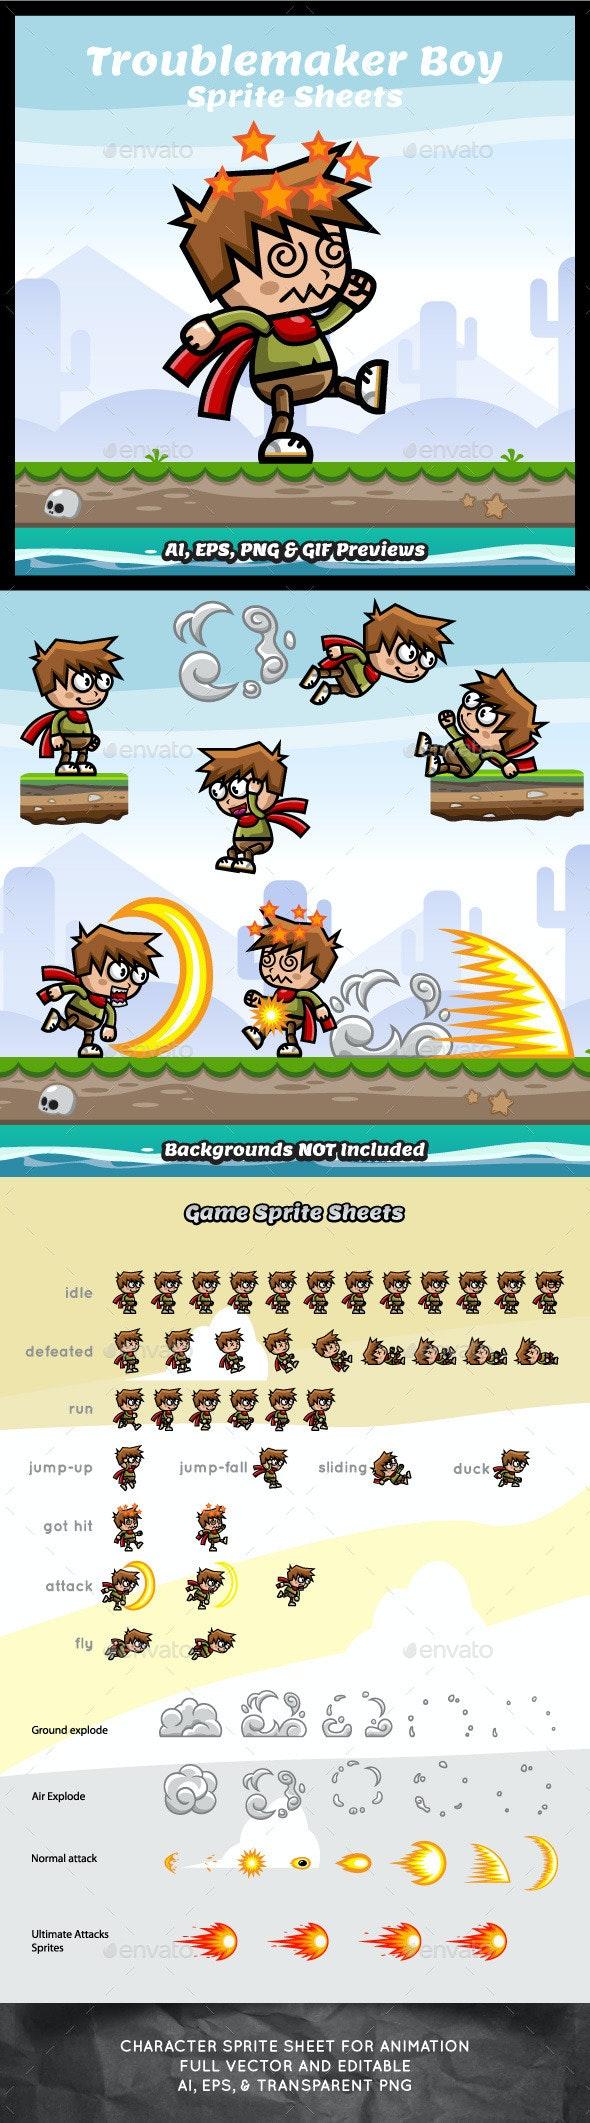 Troublemaker Boy Game Asset Sprite Sheets - Sprites Game Assets